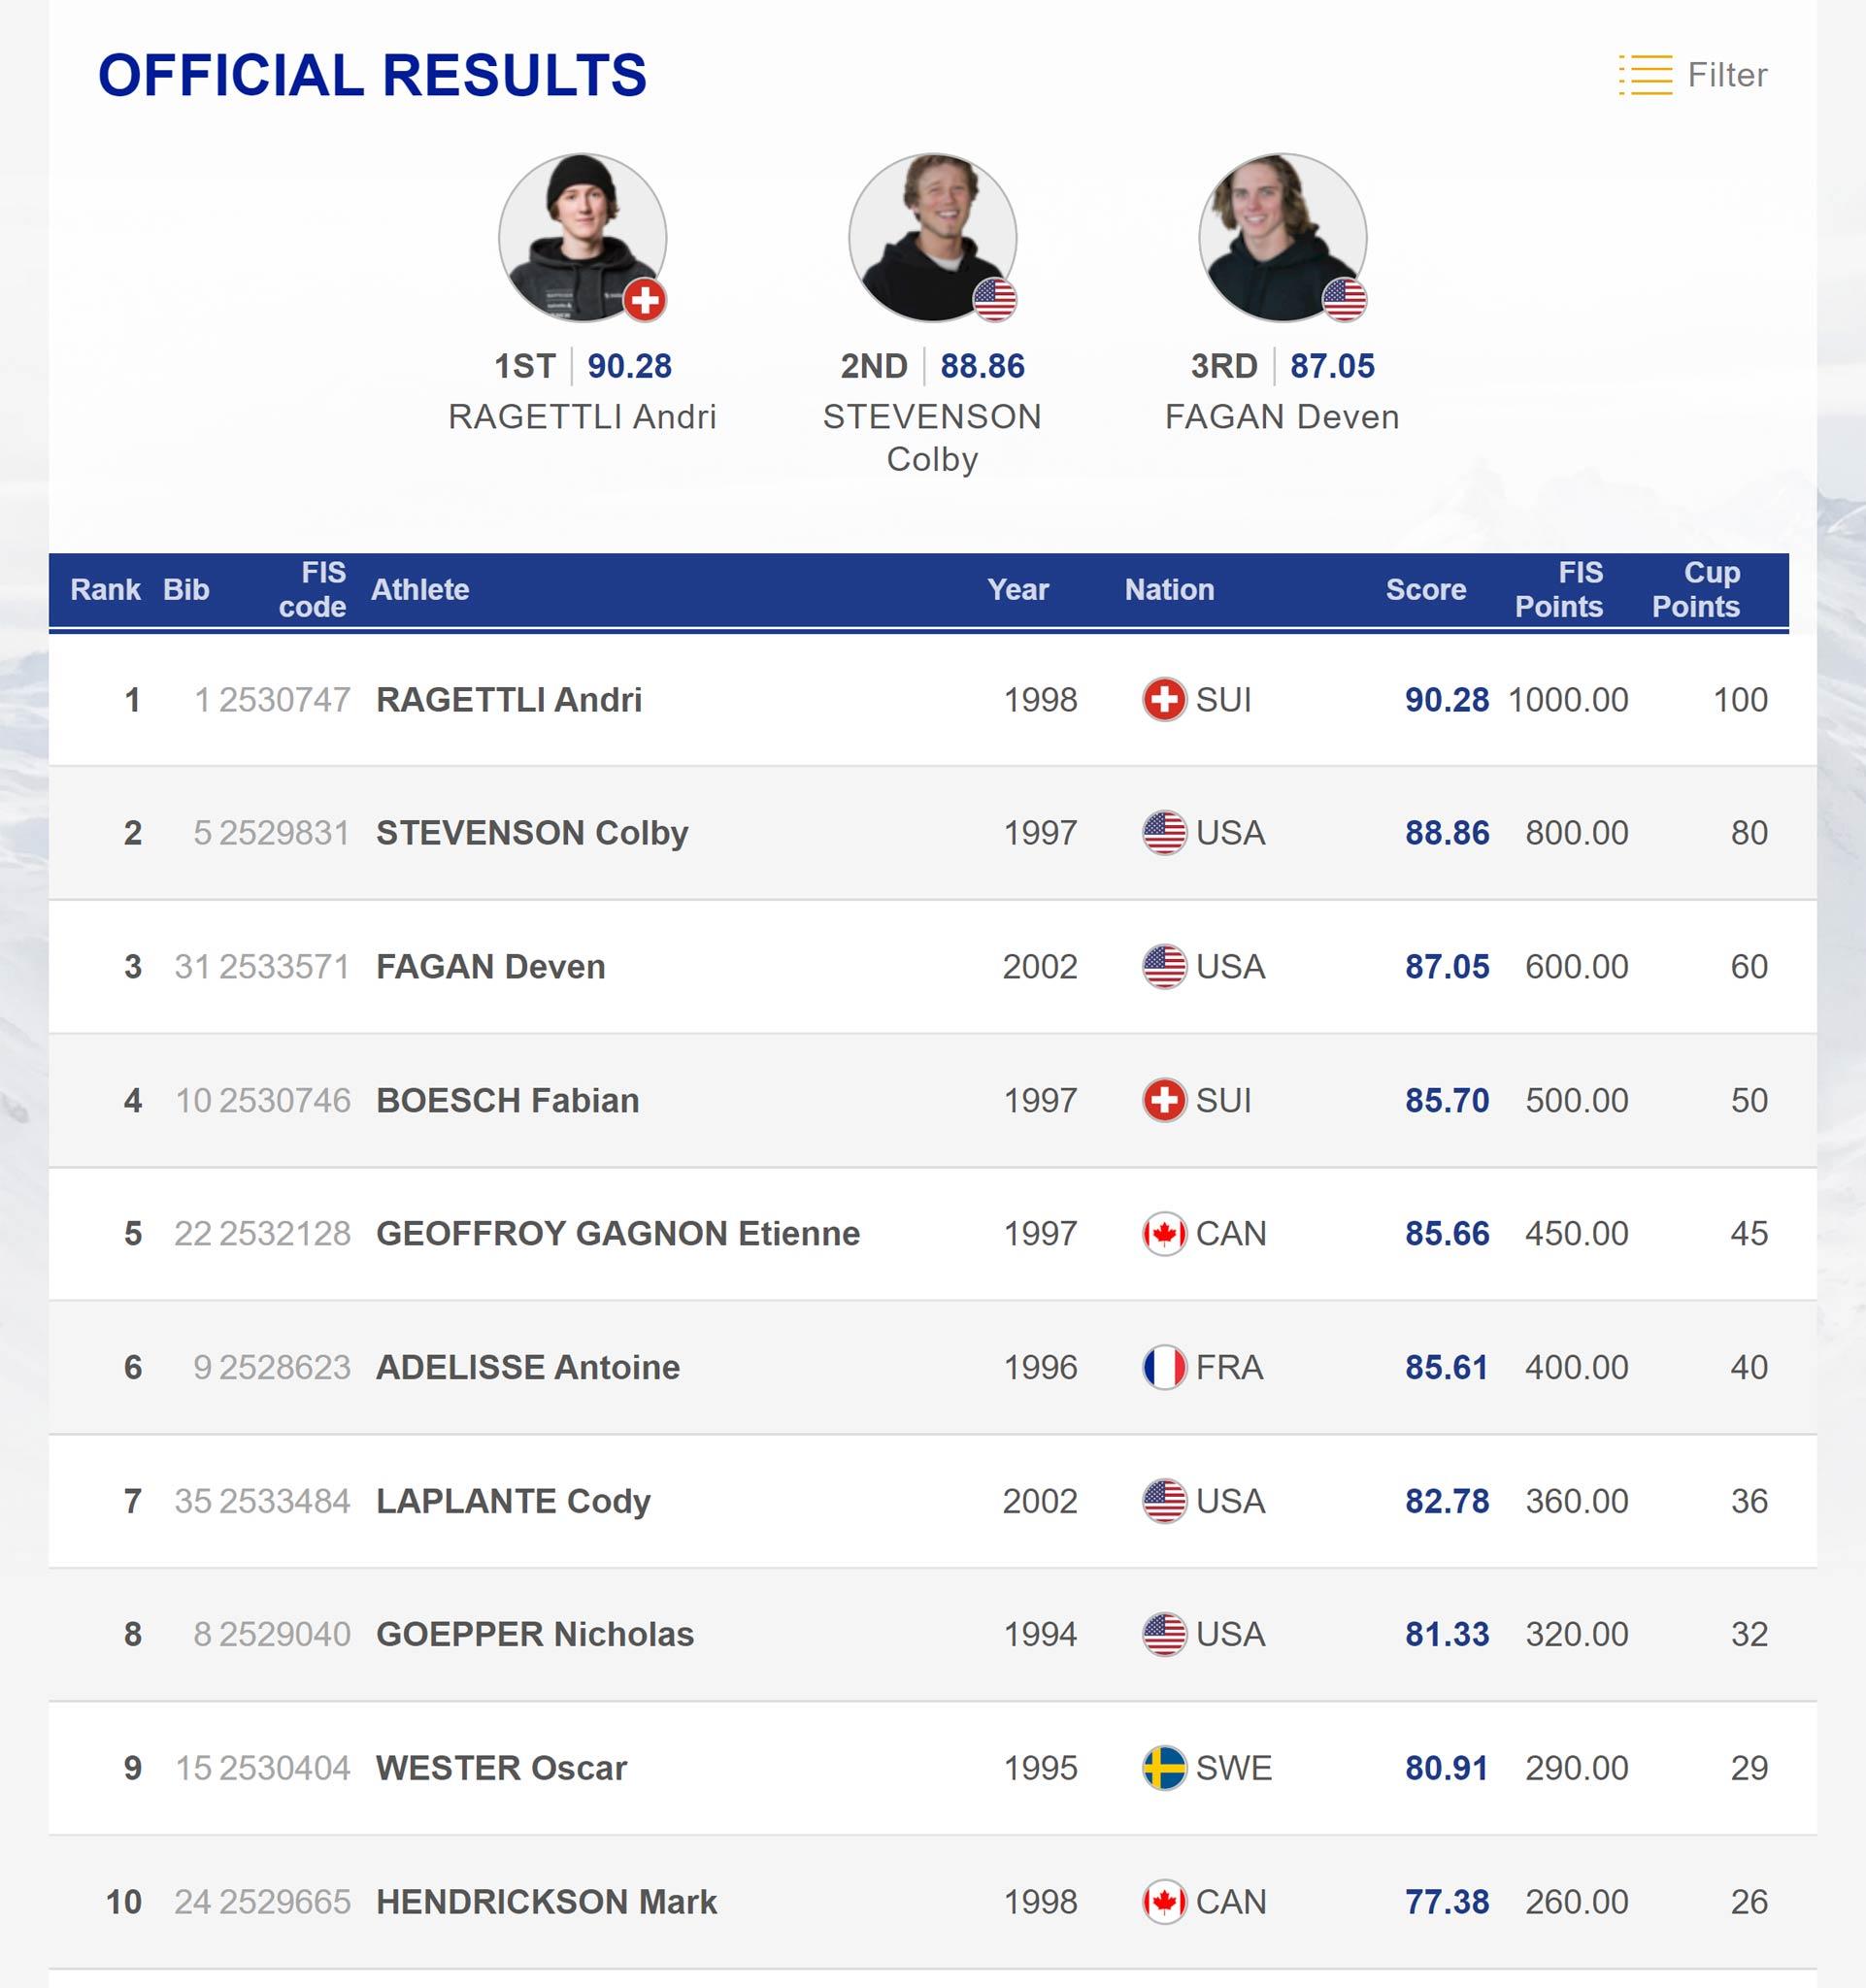 Das Ergebnis der Männer beim FIS Freestyle Slopestyle Weltcup in Mammoth Mountain 2020 in der Übersicht.